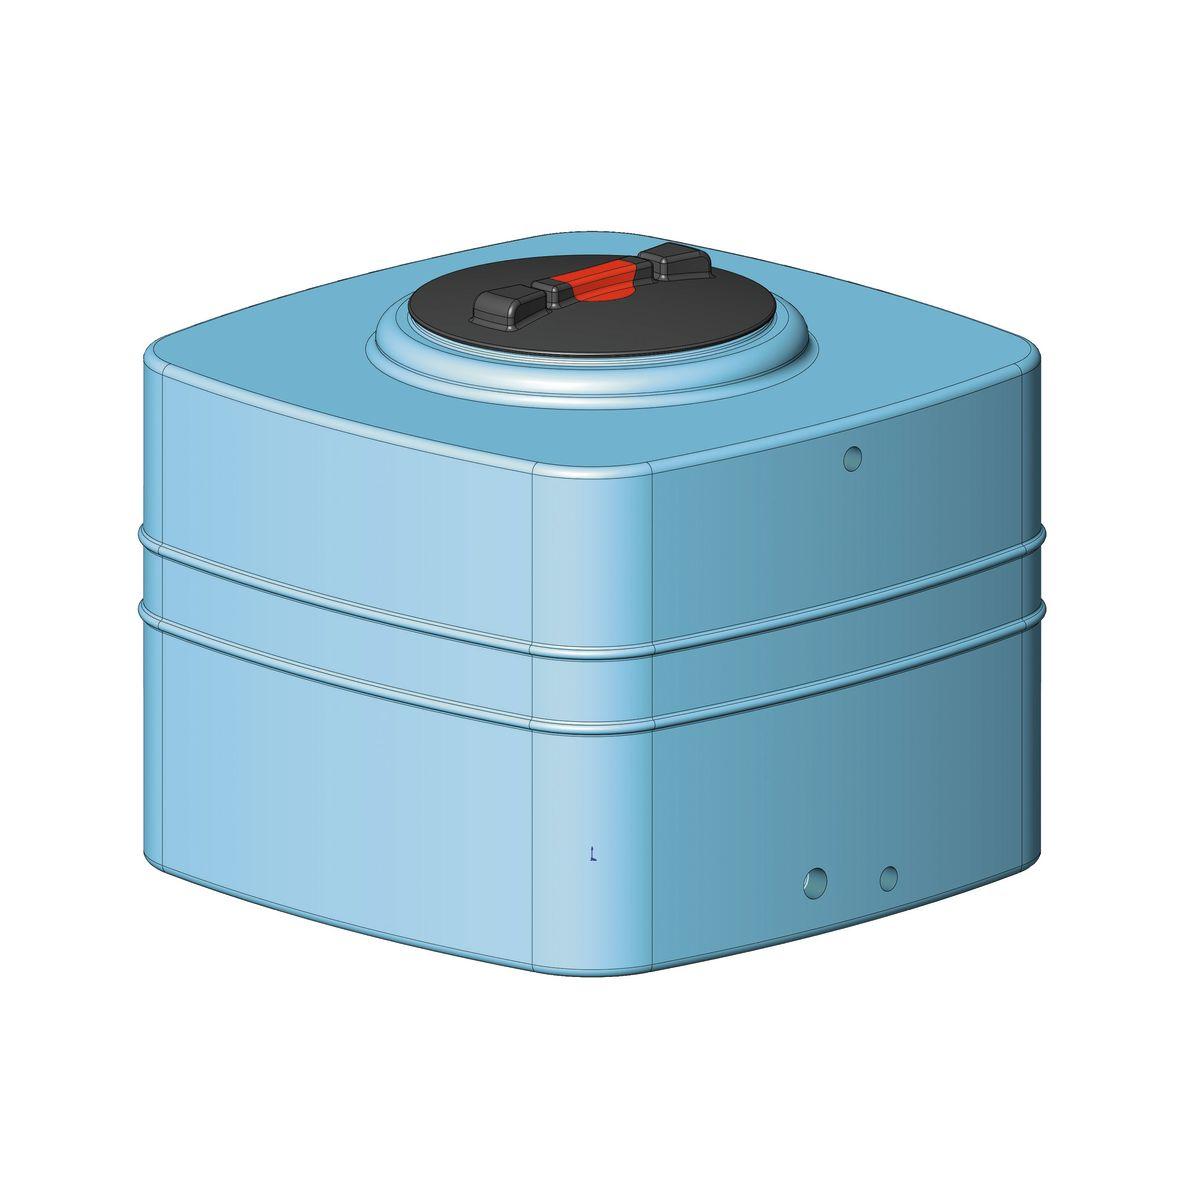 Serbatoio cubico 300 l prezzi e offerte online for Leroy merlin ventilatori